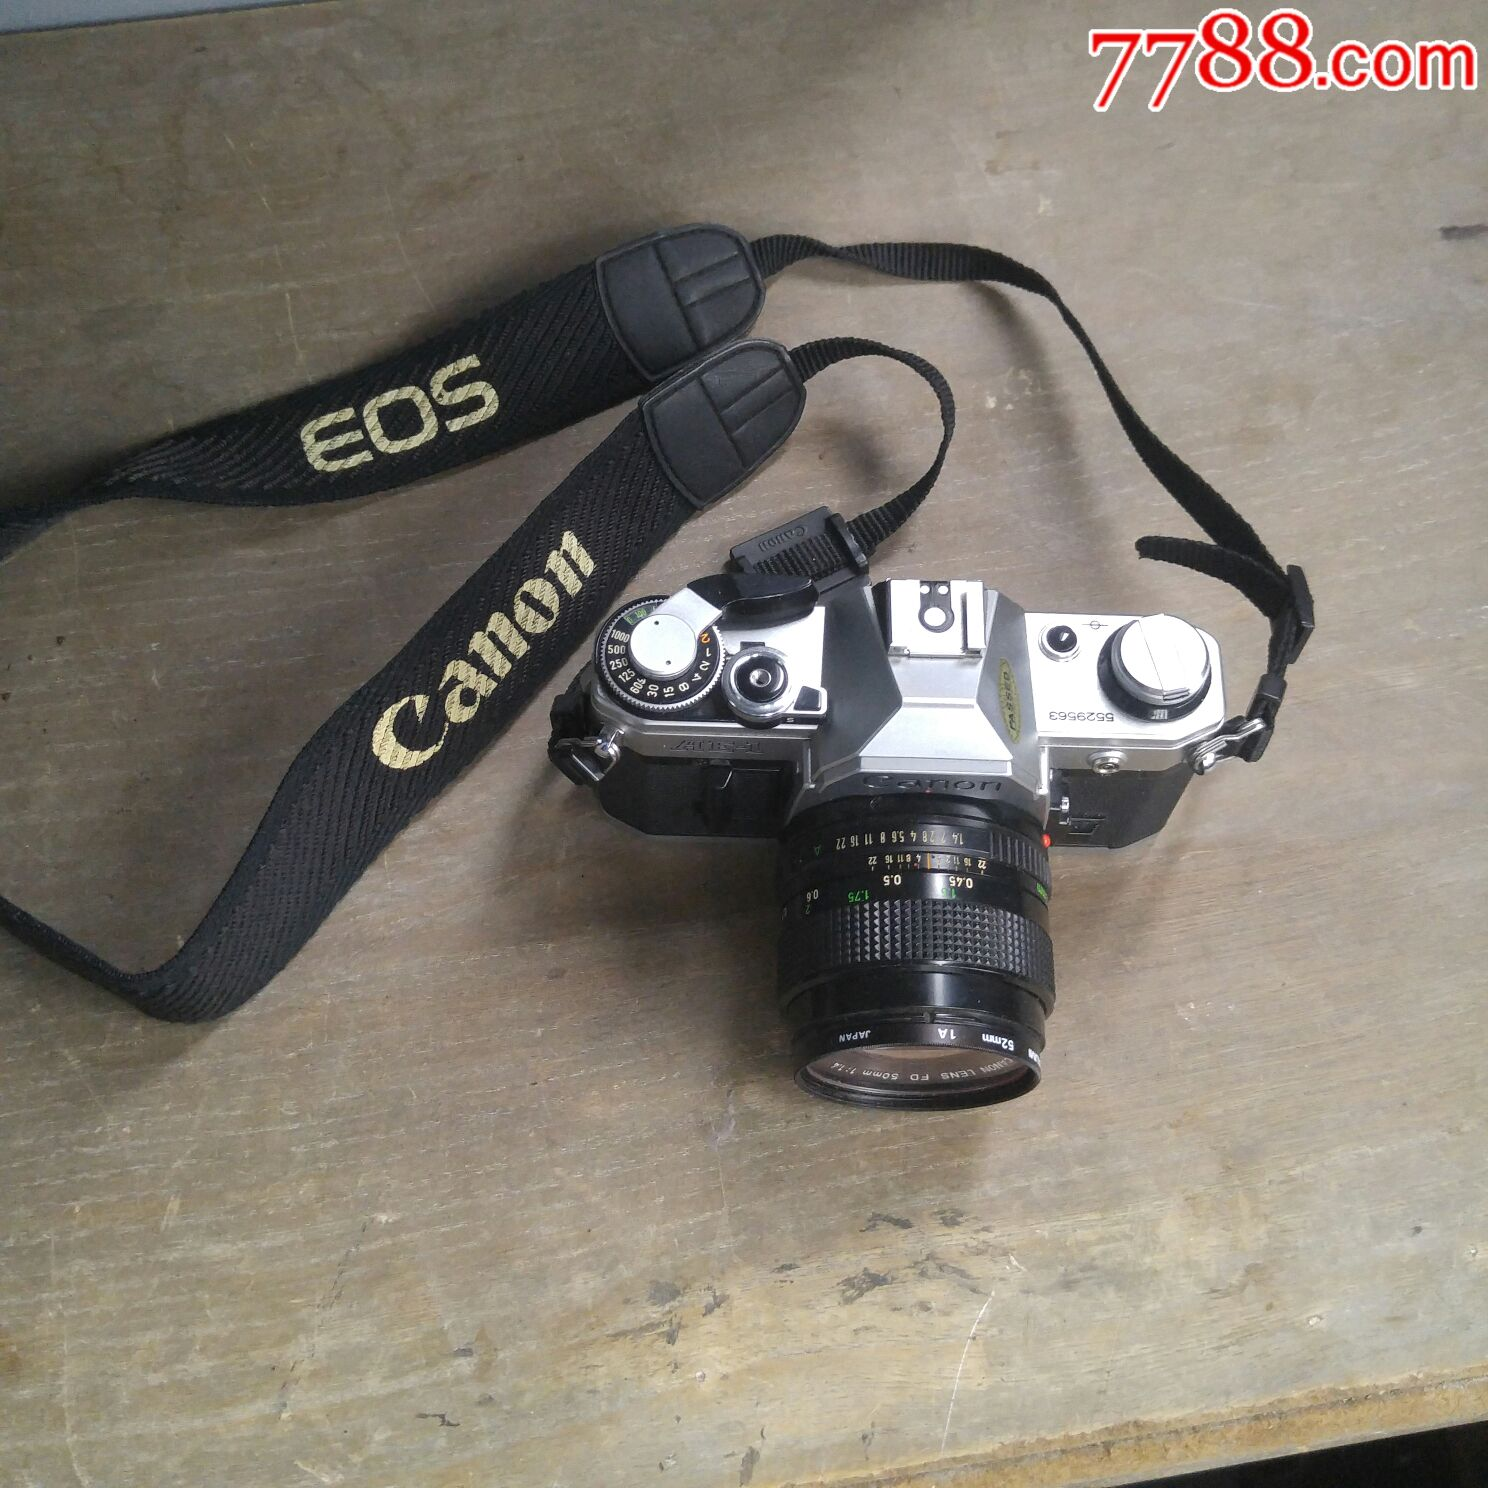 佳能AE-1单反相机_价格635元_第2张_